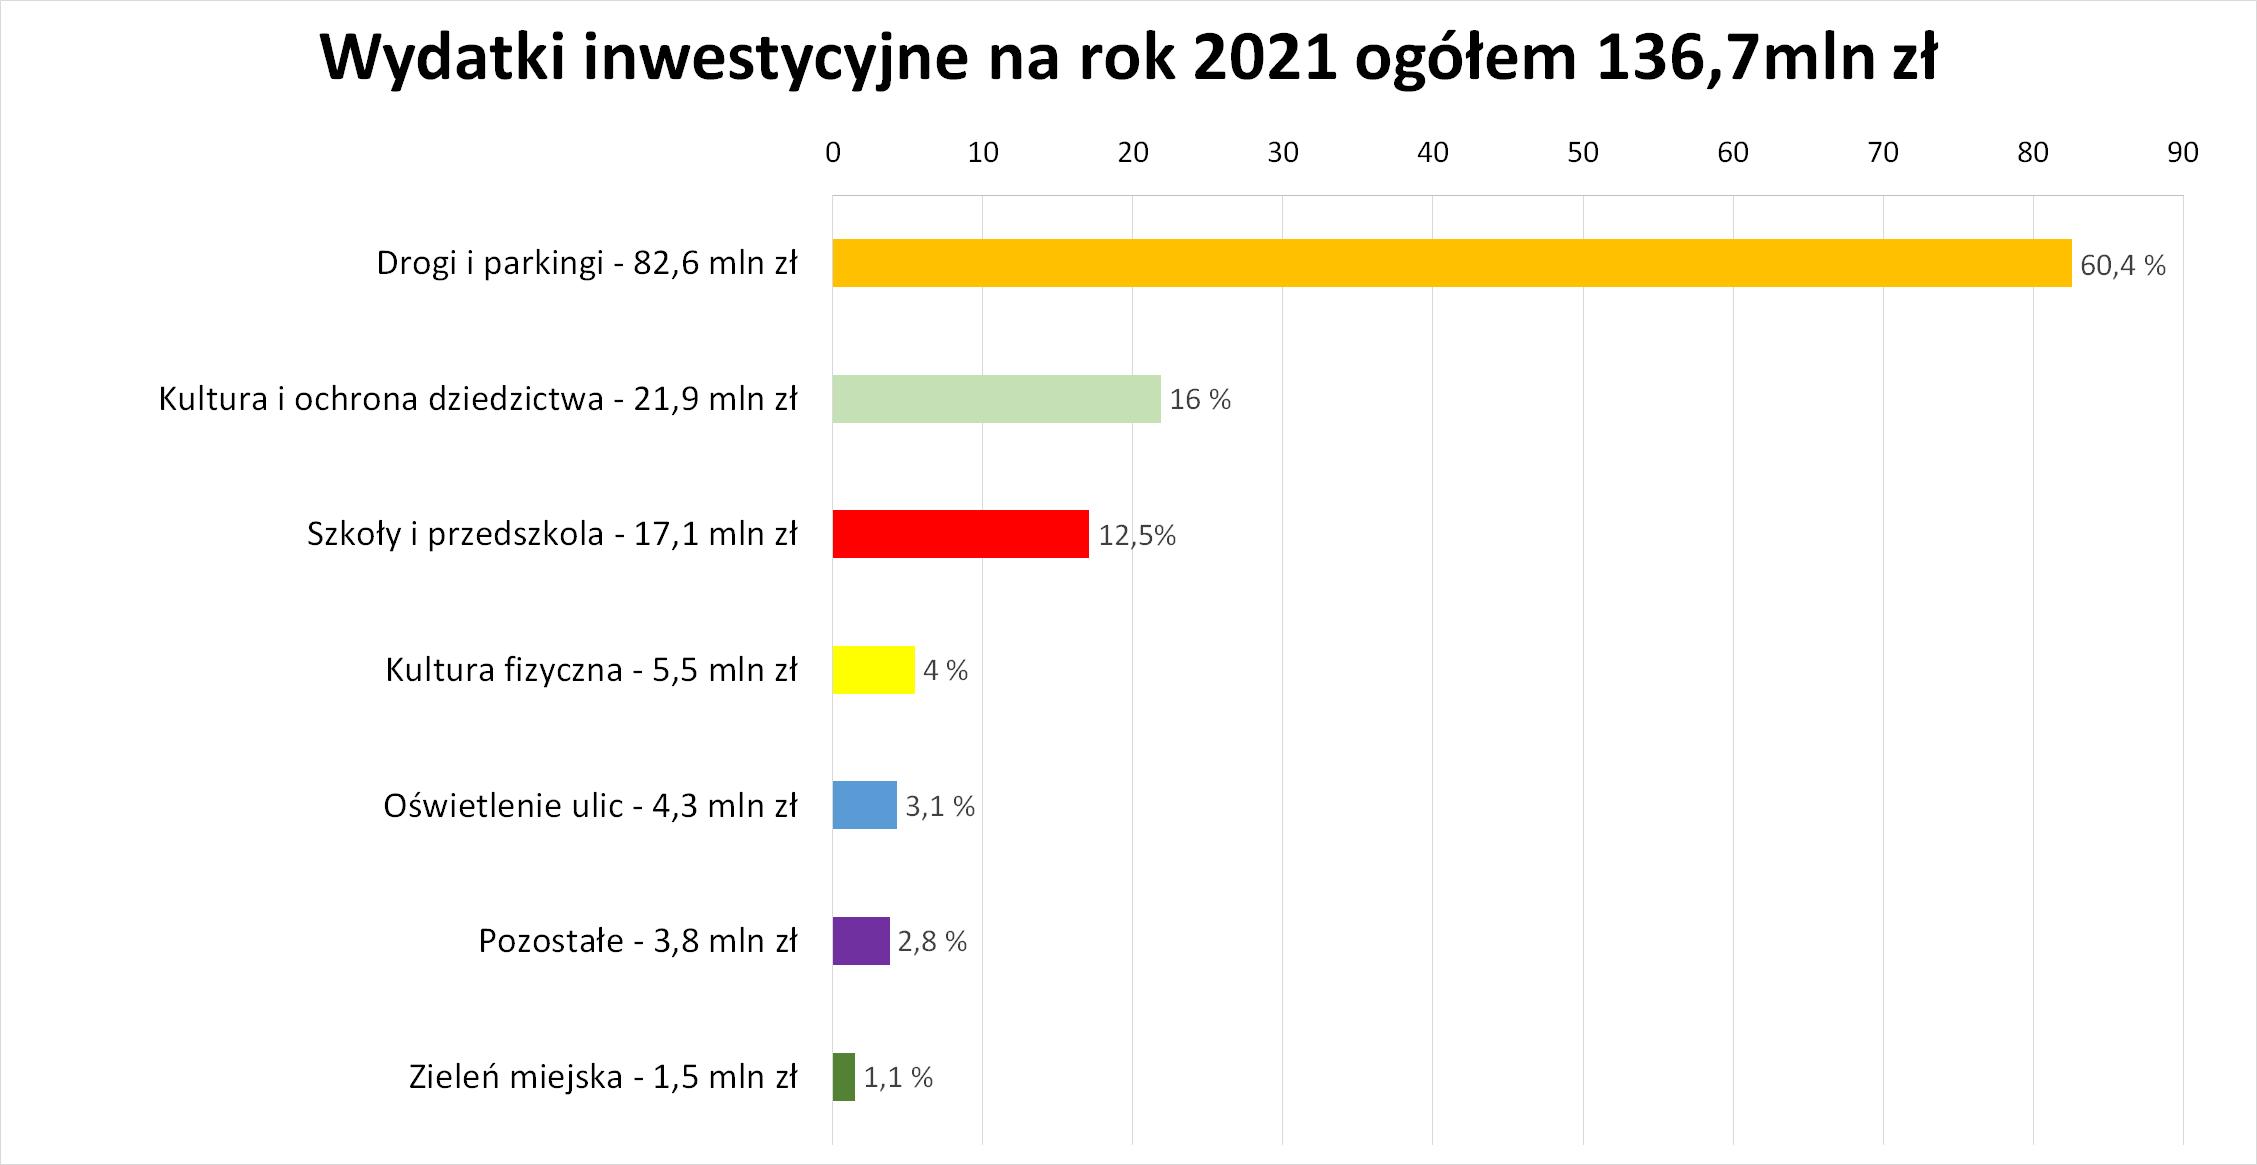 Wydatki inwestycyjne na 2021 rok